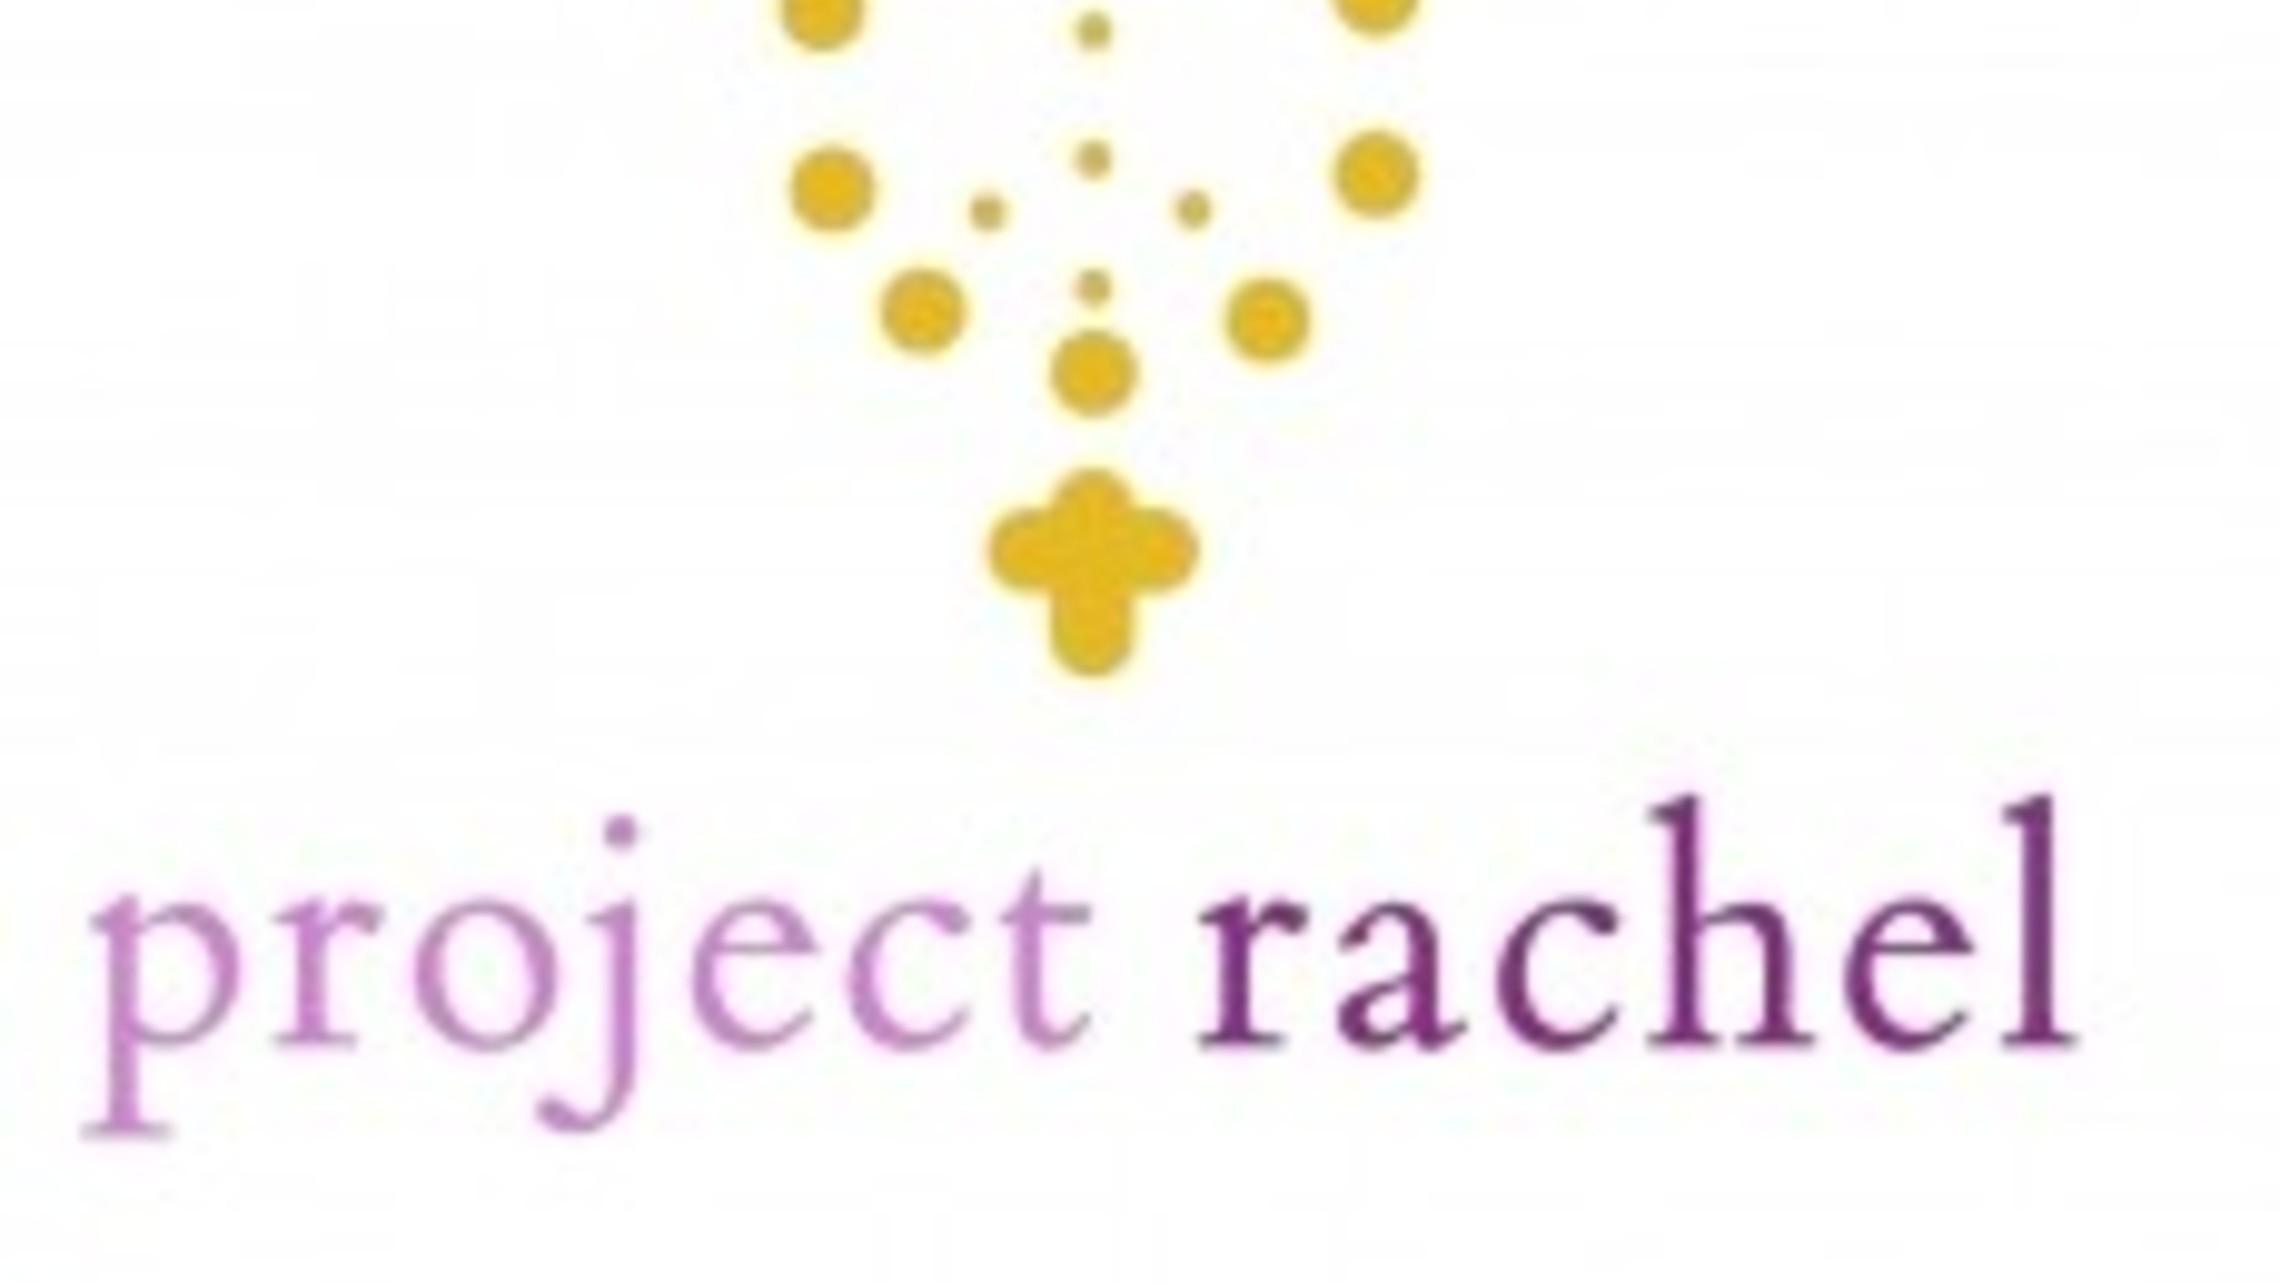 Project Rachel Logo.jpg Nggid0254 Ngg0dyn 230x230x100 00f0w010c010r110f110r010t010